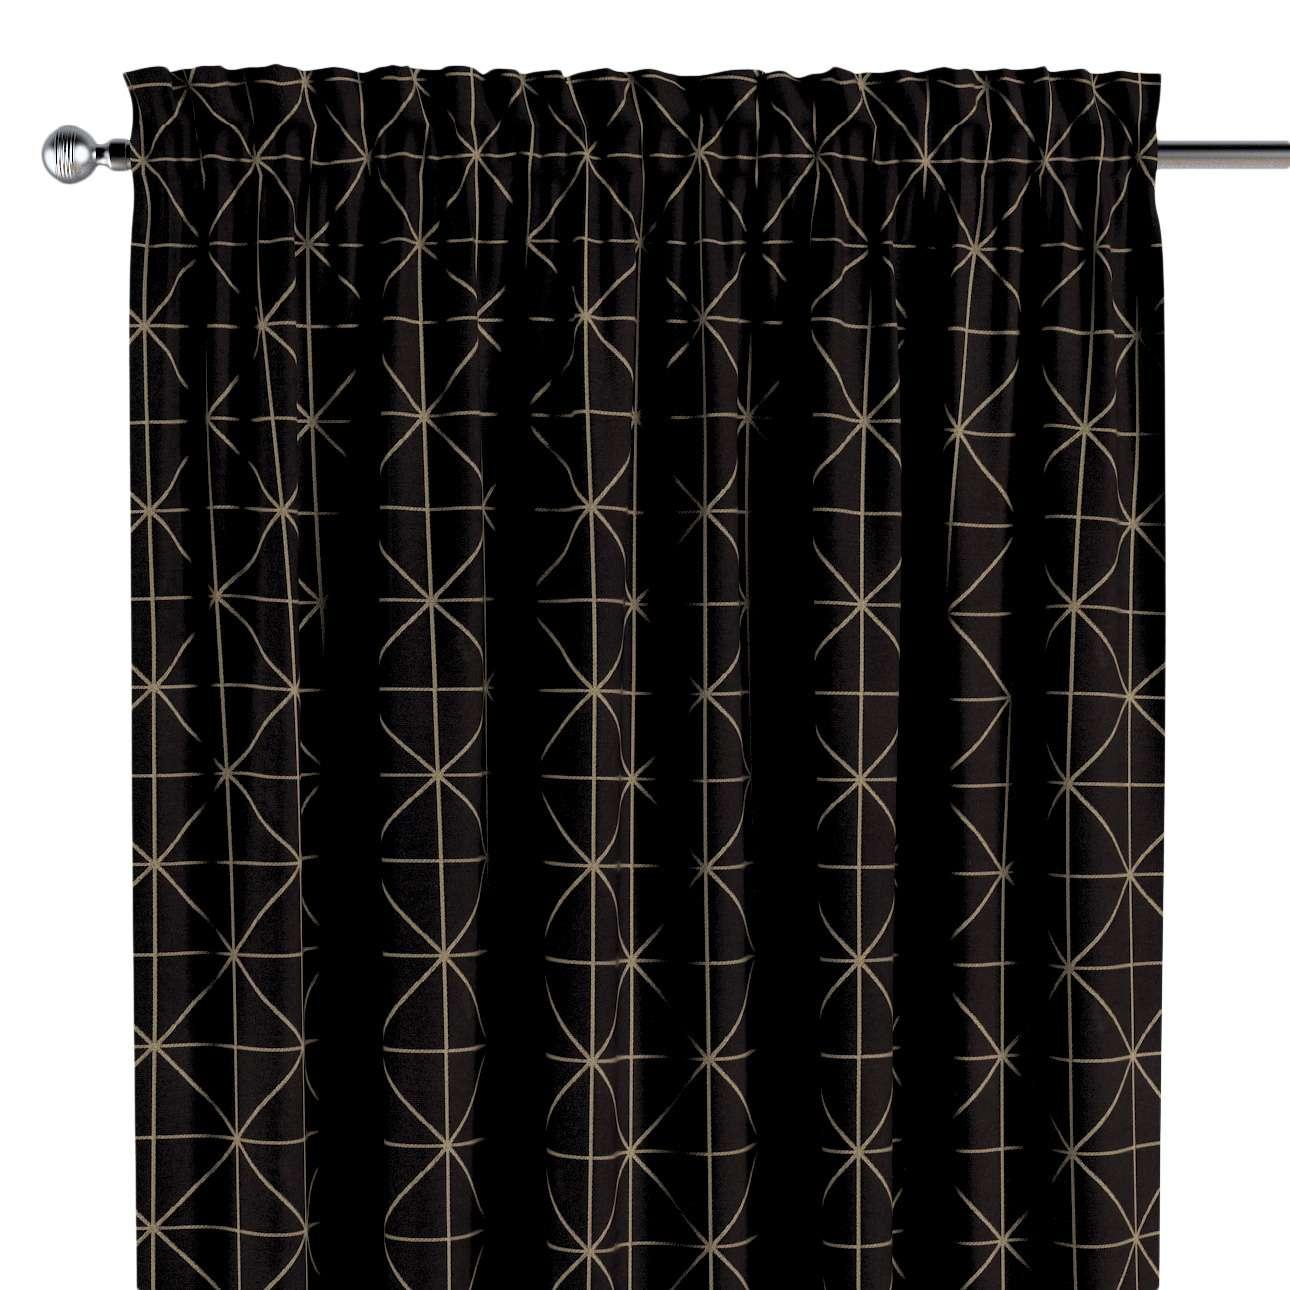 Závěs s tunýlkem a volánkem  v kolekci Black & White, látka: 142-55